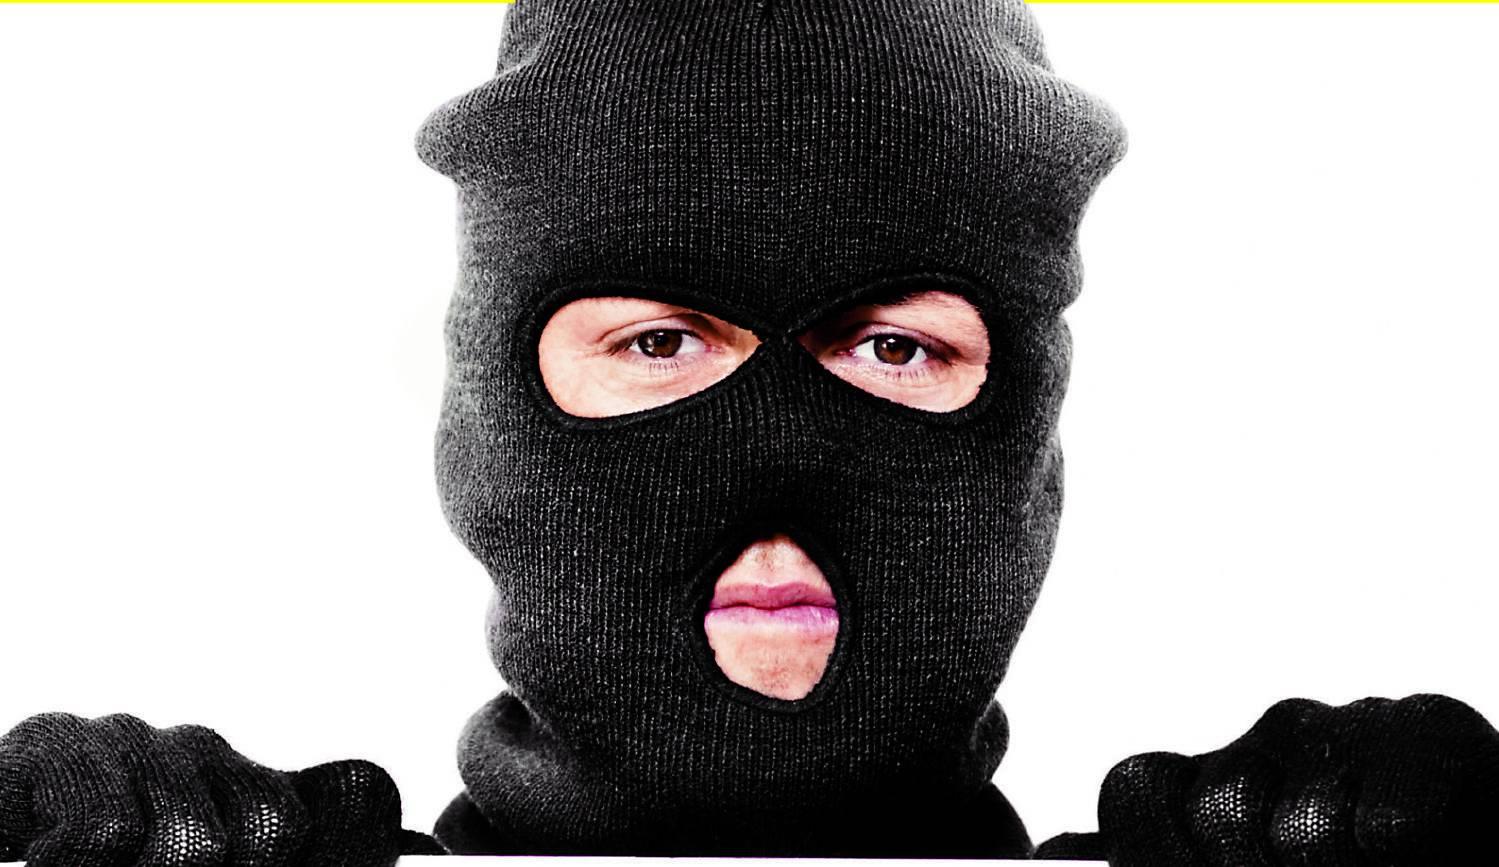 Tajna uklete tvrtke: Zataškali su krađu čak 15 milijardi kuna!